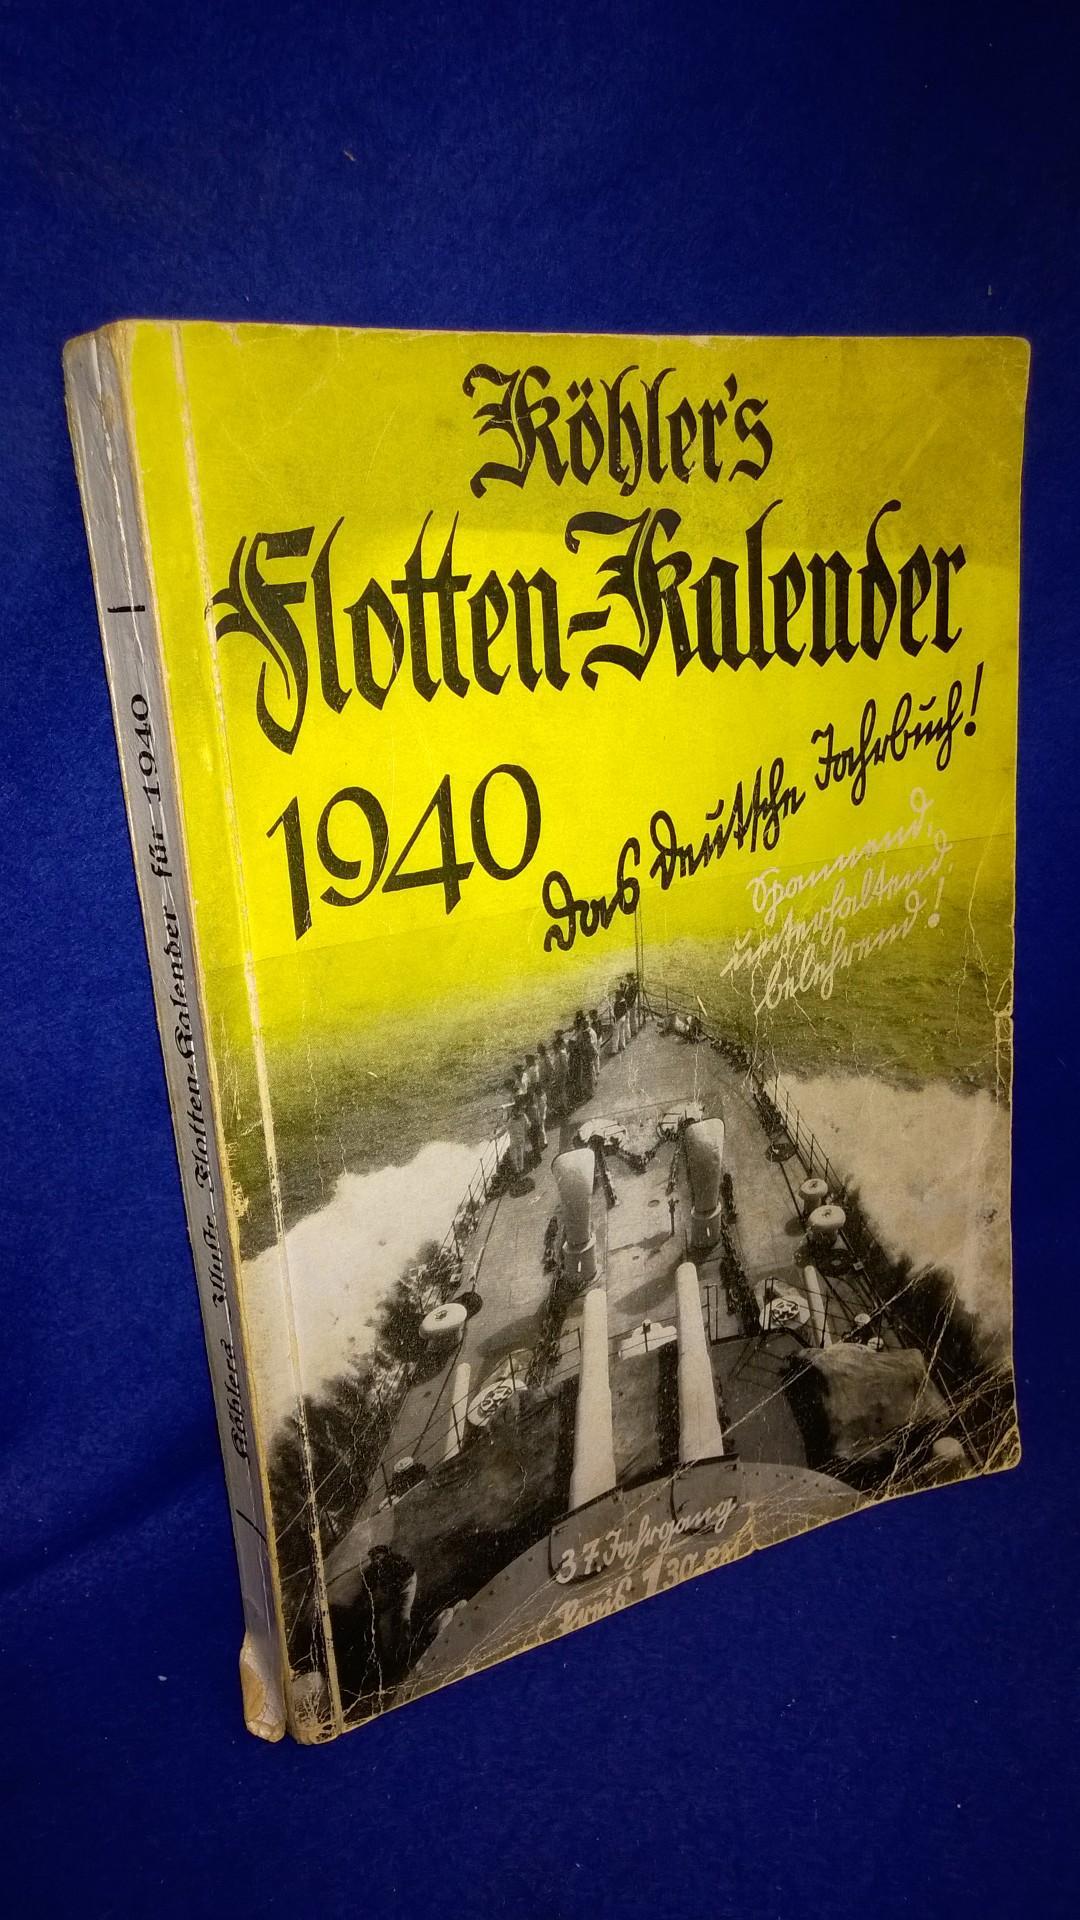 Köhlers Flotten-Kalender 1940. 37. Jahrgang